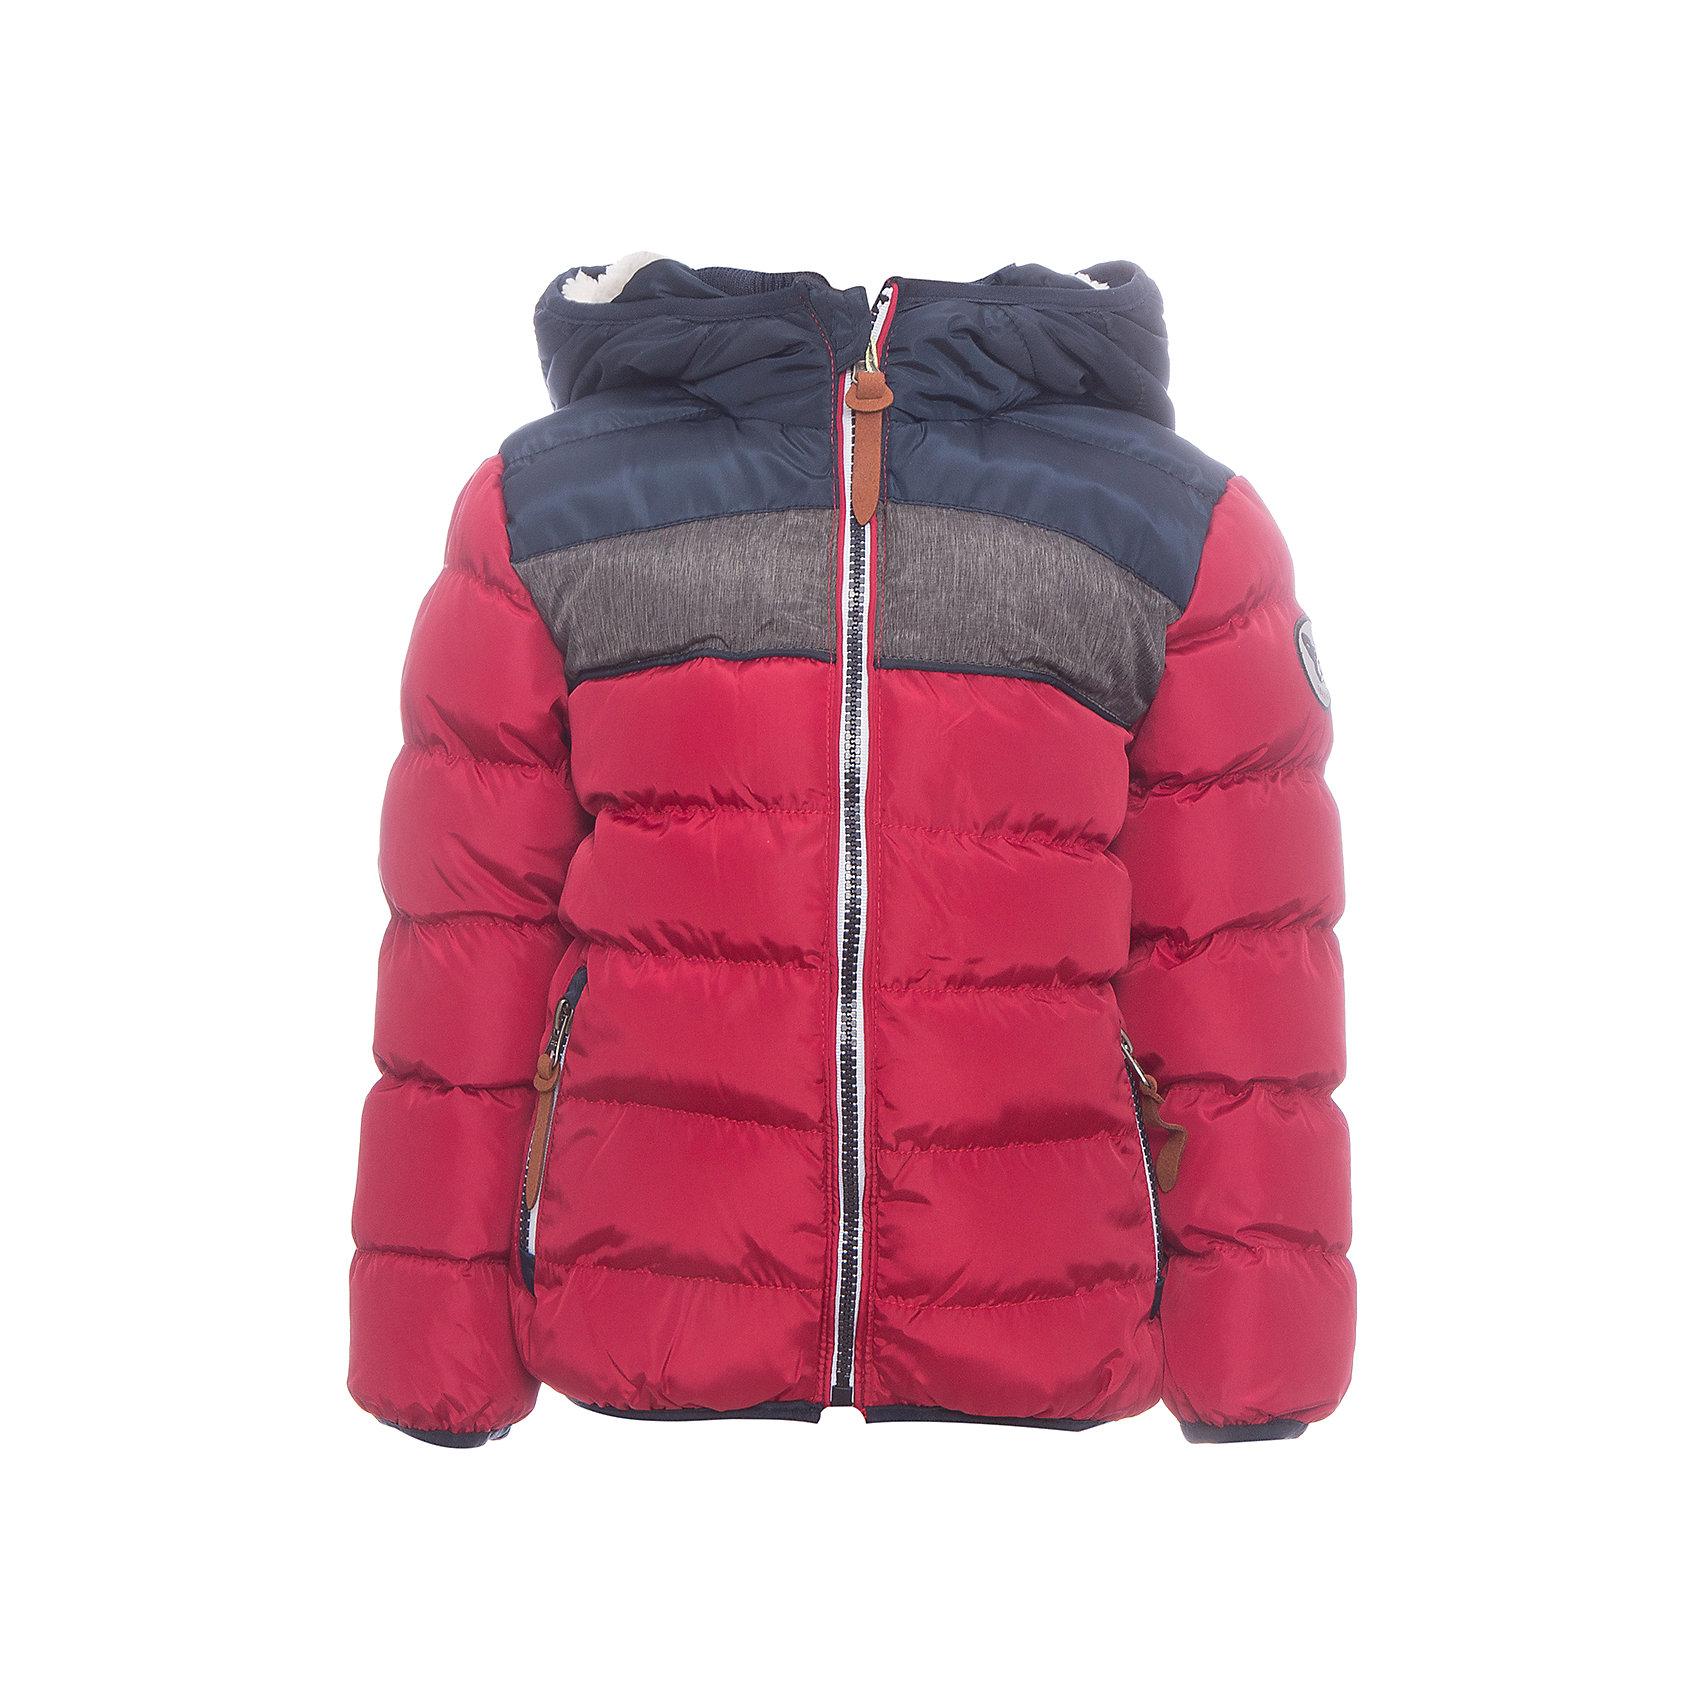 Куртка Sweet Berry для мальчикаВерхняя одежда<br>Куртка Sweet Berry для мальчика<br>Утепленная стеганная куртка для мальчика выполнена из трех контрастных цветов. Несъемный капюшон.  Два прорезных кармана застегивающиеся на молнию. Флисовая подкладка.  Капюшон, рукава и низ изделия оформлены контрастной окантовочной резинкой. Куртка застегивается на молнию.<br>Состав:<br>Верх: 100% полиэстер Подкладка: 100% полиэстер Наполнитель 100% полиэстер<br><br>Ширина мм: 356<br>Глубина мм: 10<br>Высота мм: 245<br>Вес г: 519<br>Цвет: бордовый<br>Возраст от месяцев: 84<br>Возраст до месяцев: 96<br>Пол: Мужской<br>Возраст: Детский<br>Размер: 128,98,104,110,116,122<br>SKU: 7094756